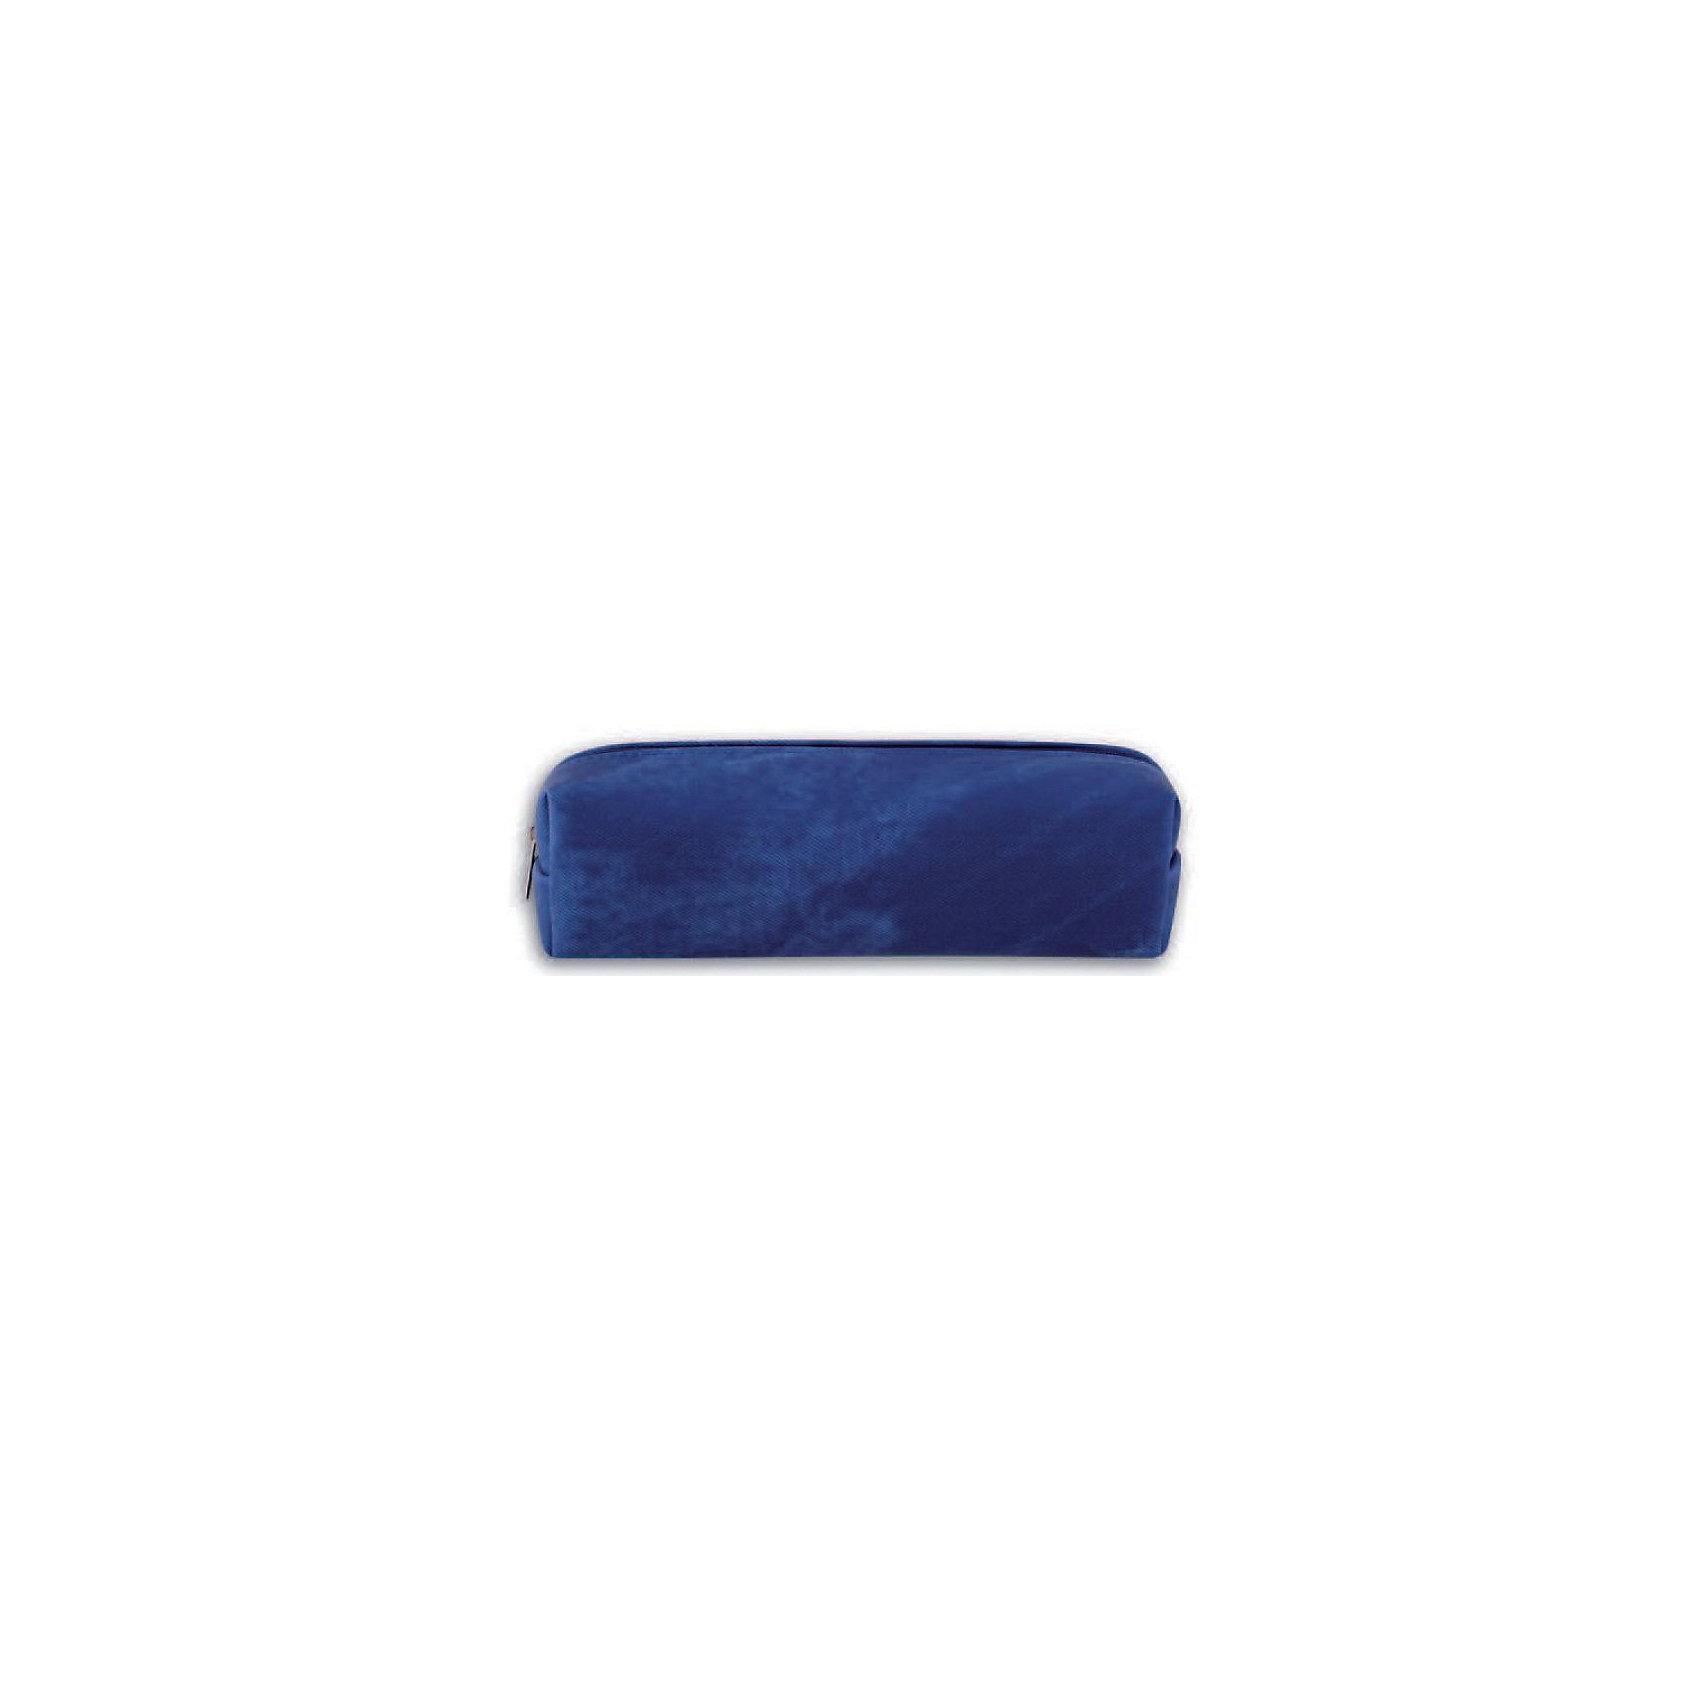 Пенал школьный Феникс+, синий джинсПеналы без наполнения<br>Пенал школьный СИНИЙ ДЖИНС (без наполнения, 20х6x6см, кожзам. джинс, застеж.-молния, инд. ПЭТ-упак.)<br><br>Ширина мм: 200<br>Глубина мм: 70<br>Высота мм: 60<br>Вес г: 75<br>Возраст от месяцев: 72<br>Возраст до месяцев: 2147483647<br>Пол: Унисекс<br>Возраст: Детский<br>SKU: 7046367